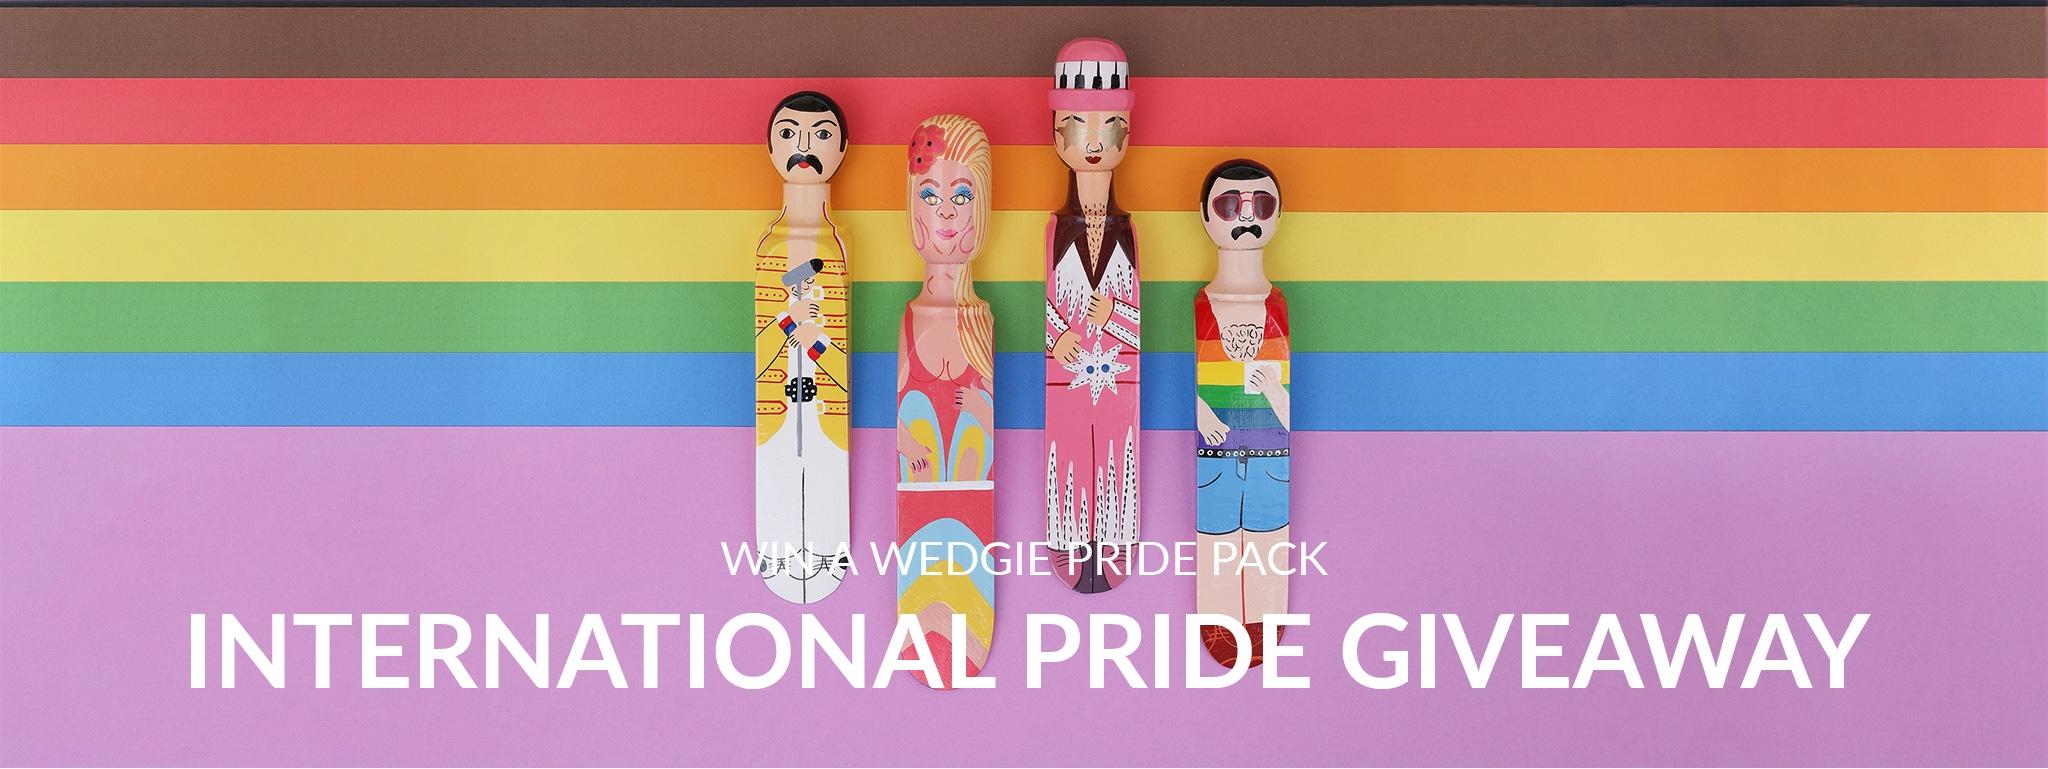 International Pride Giveaway